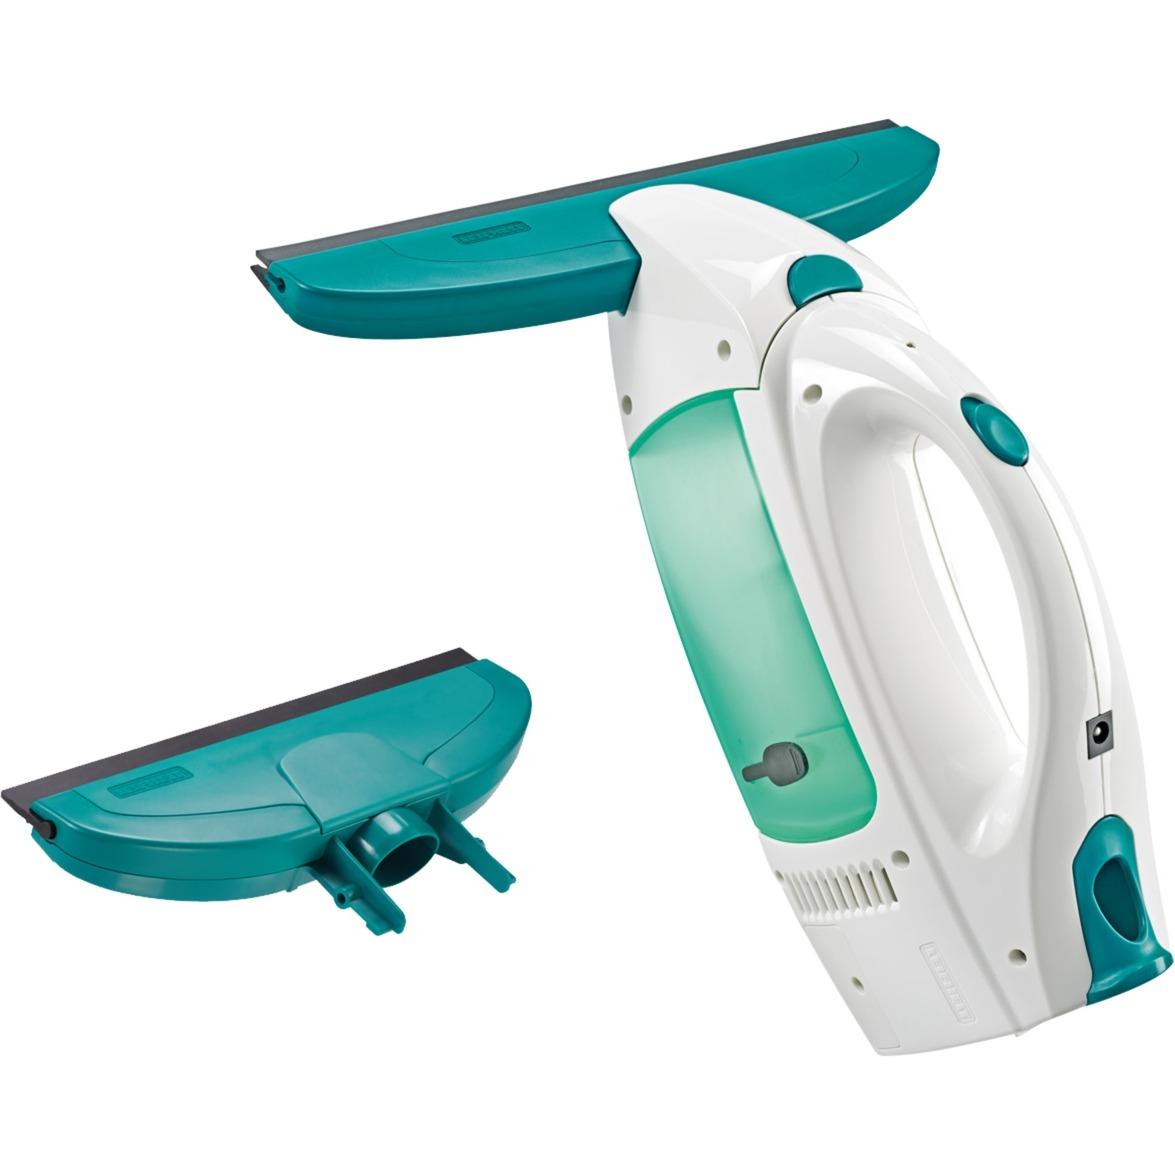 51004 Gris, Color blanco limpiador eléctrico ventana, Aspiradora de ventanas